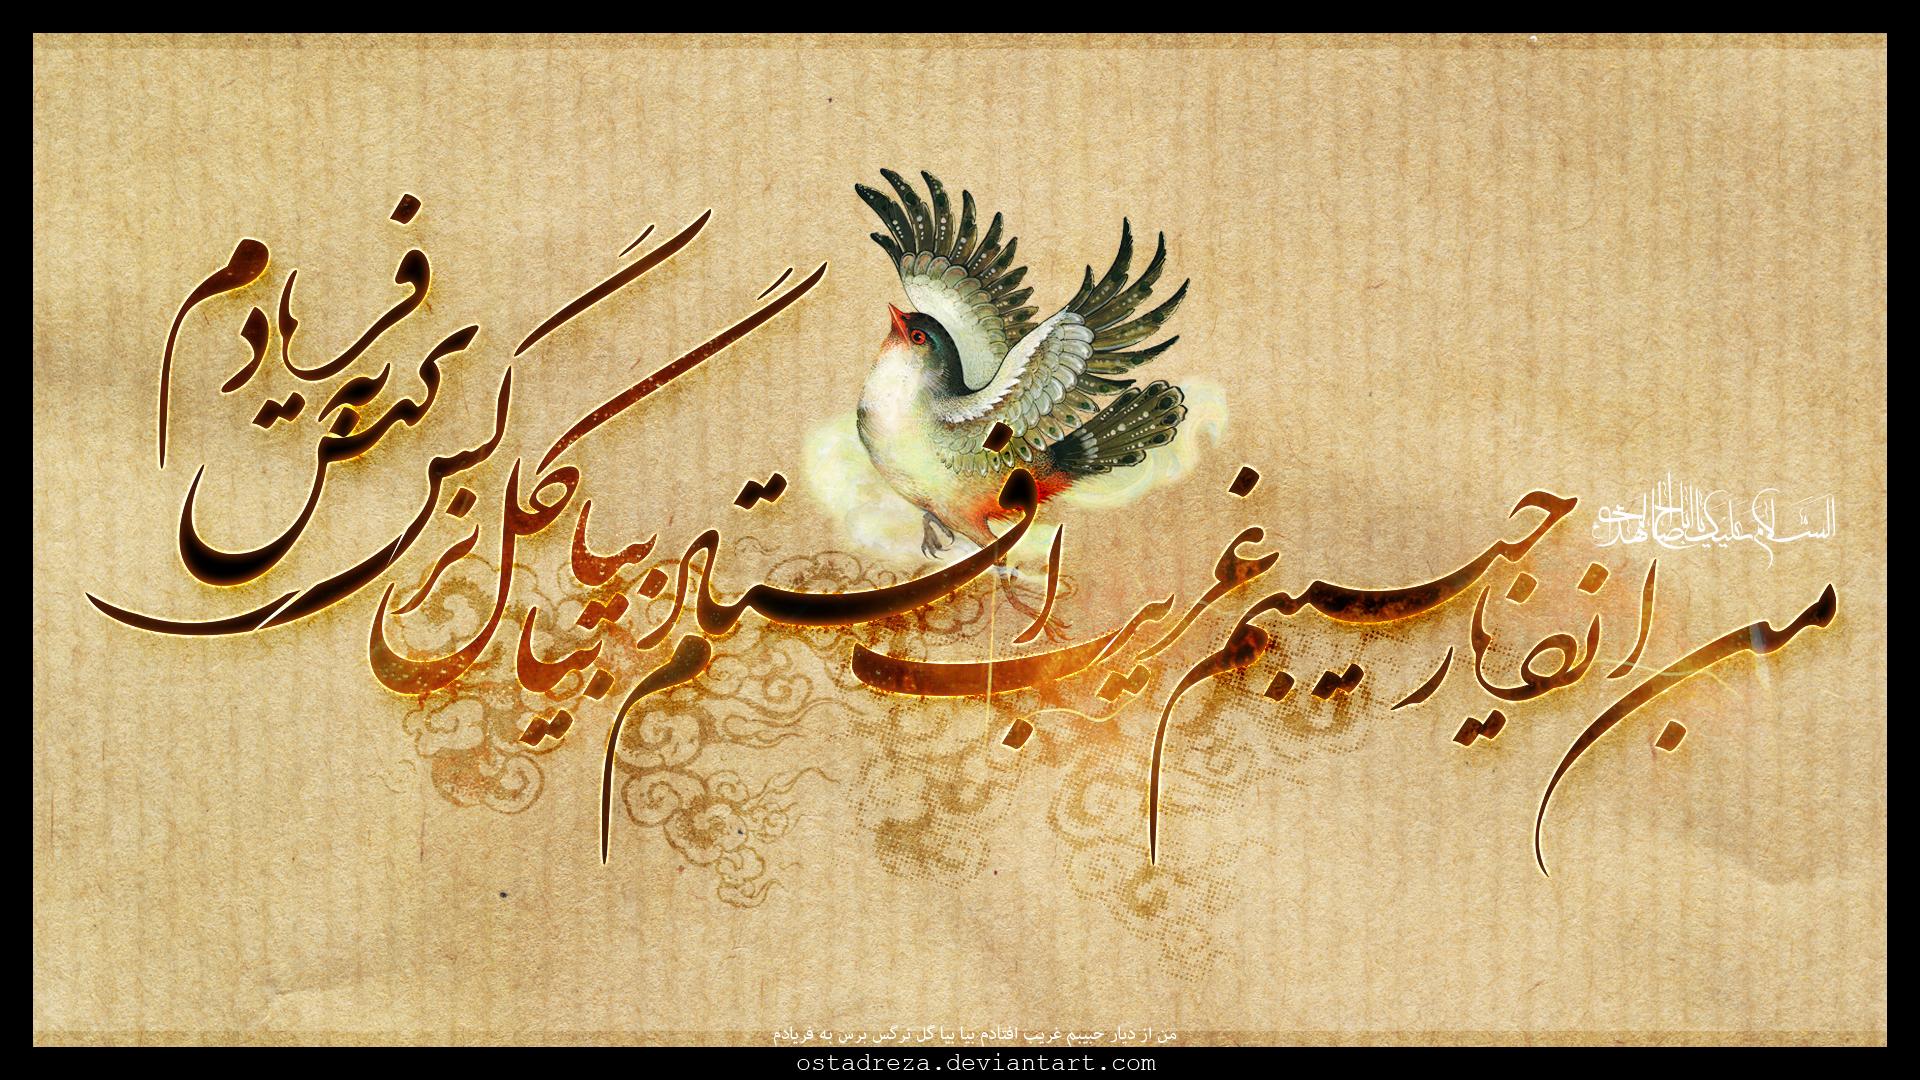 imam_mahdy_pbuh_by_ostadreza_www.yasinmedia.com